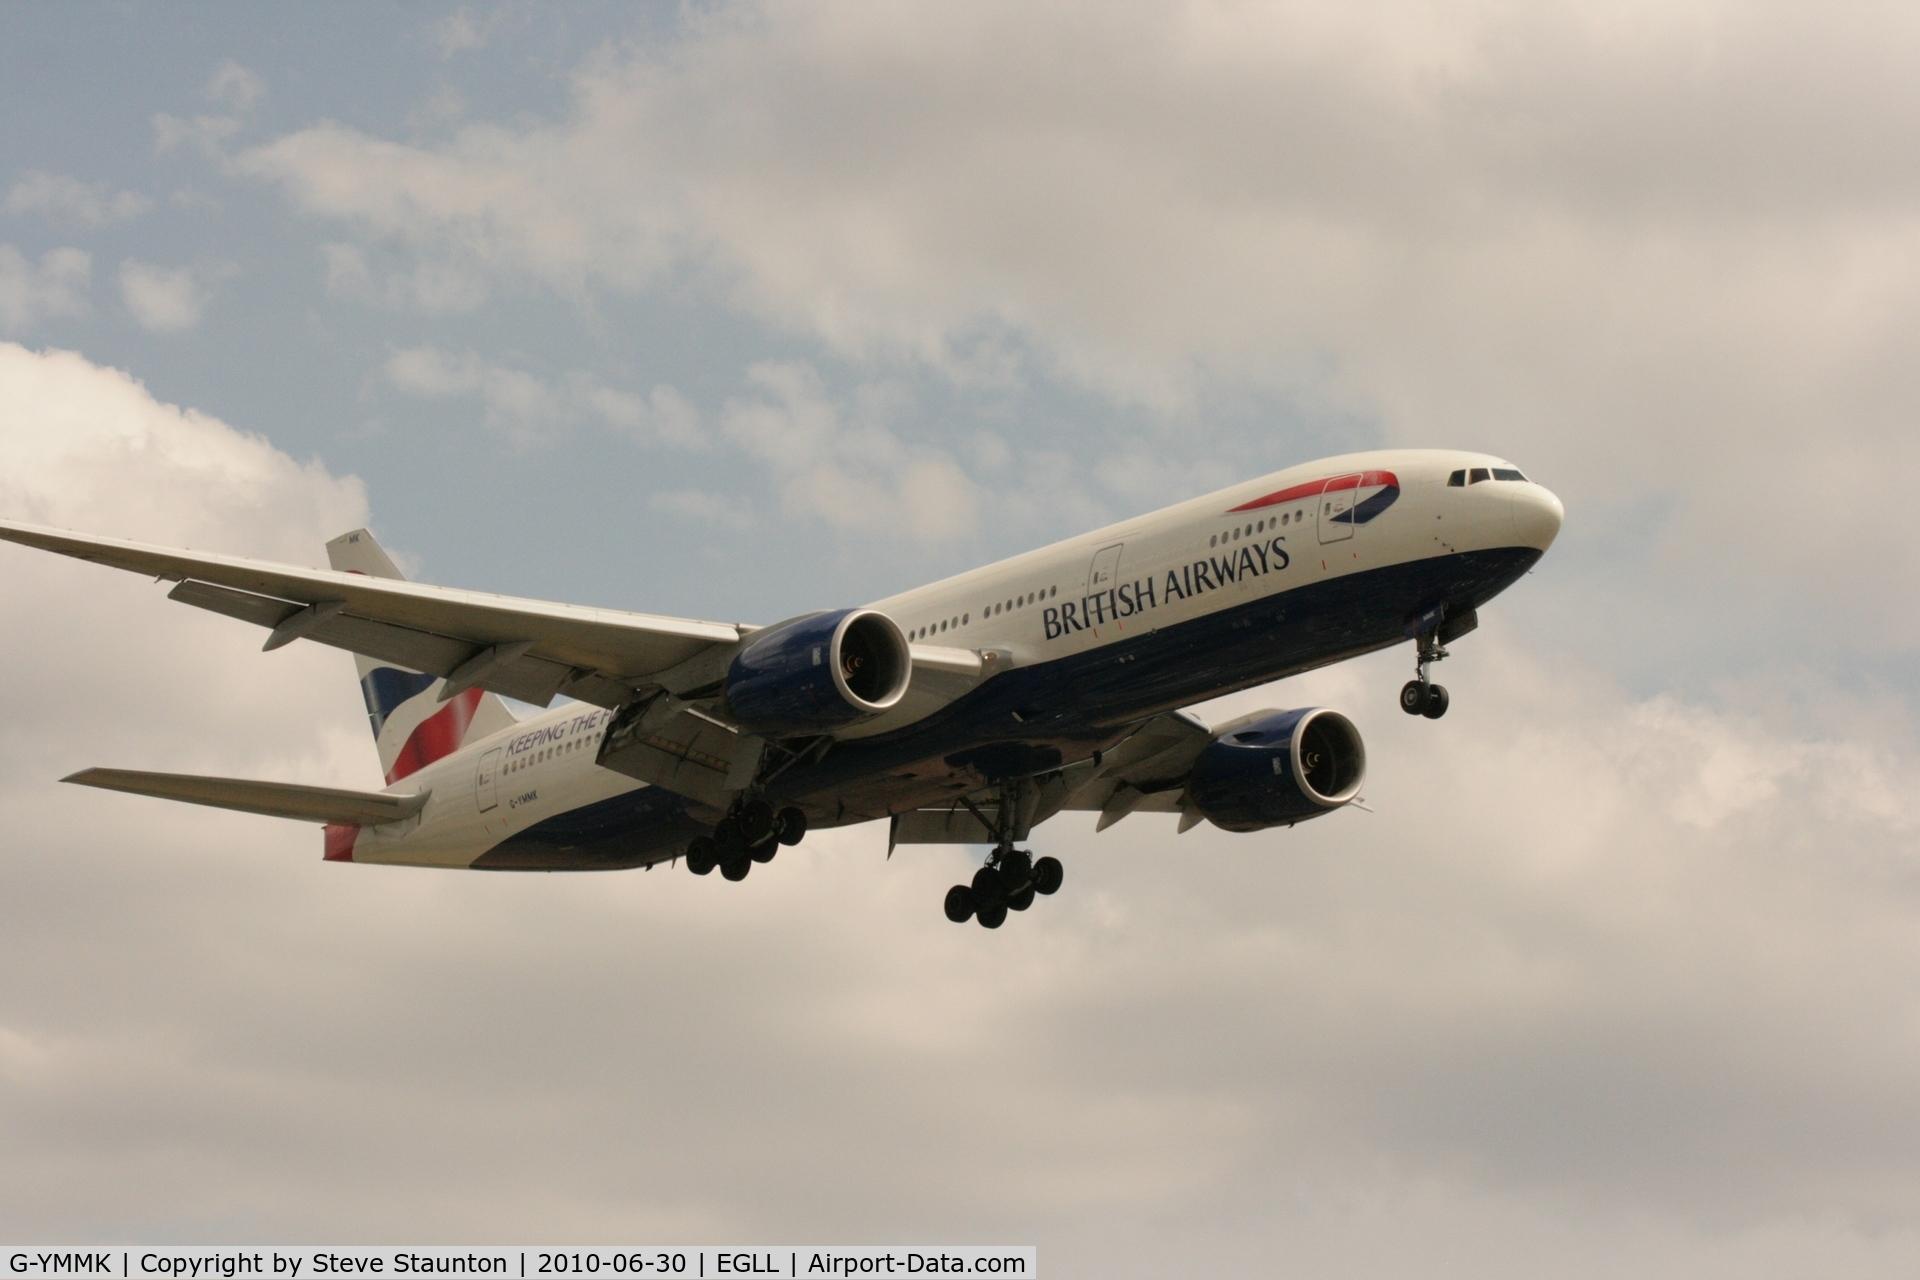 G-YMMK, 2000 Boeing 777-236 C/N 30312, Taken at Heathrow Airport, June 2010